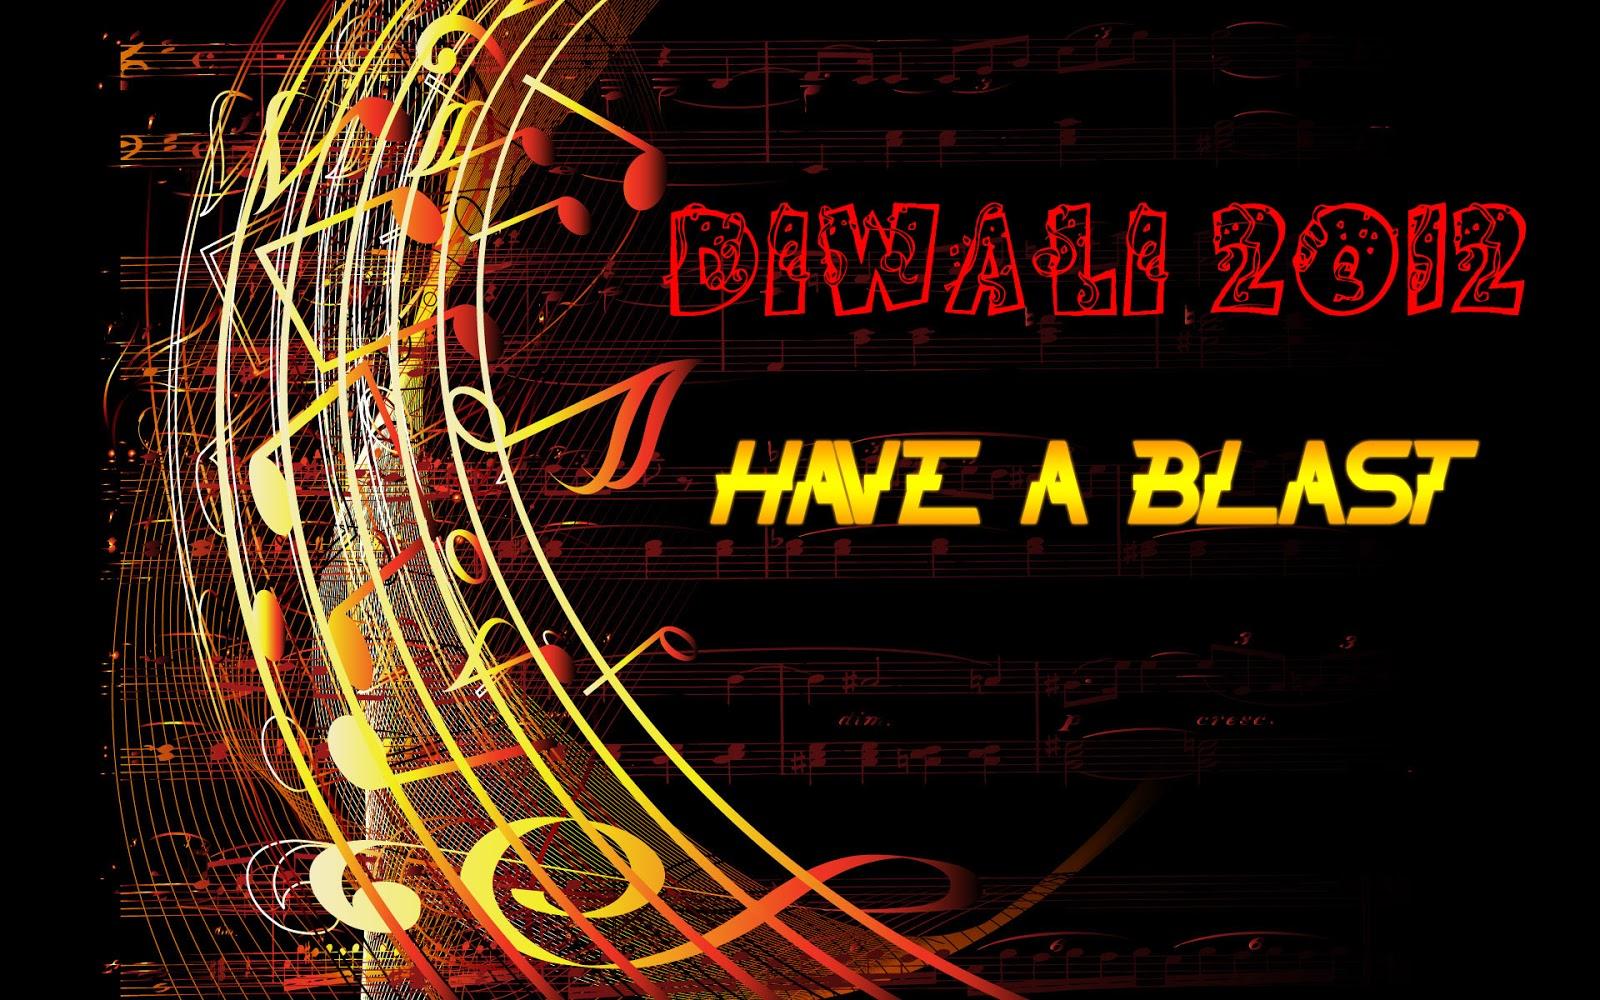 http://4.bp.blogspot.com/-DoZMo3EMGTA/UJ1dctwqUhI/AAAAAAAAMv8/sborsNSNXDA/s1600/diwali+wallpaper+hd+8.jpg